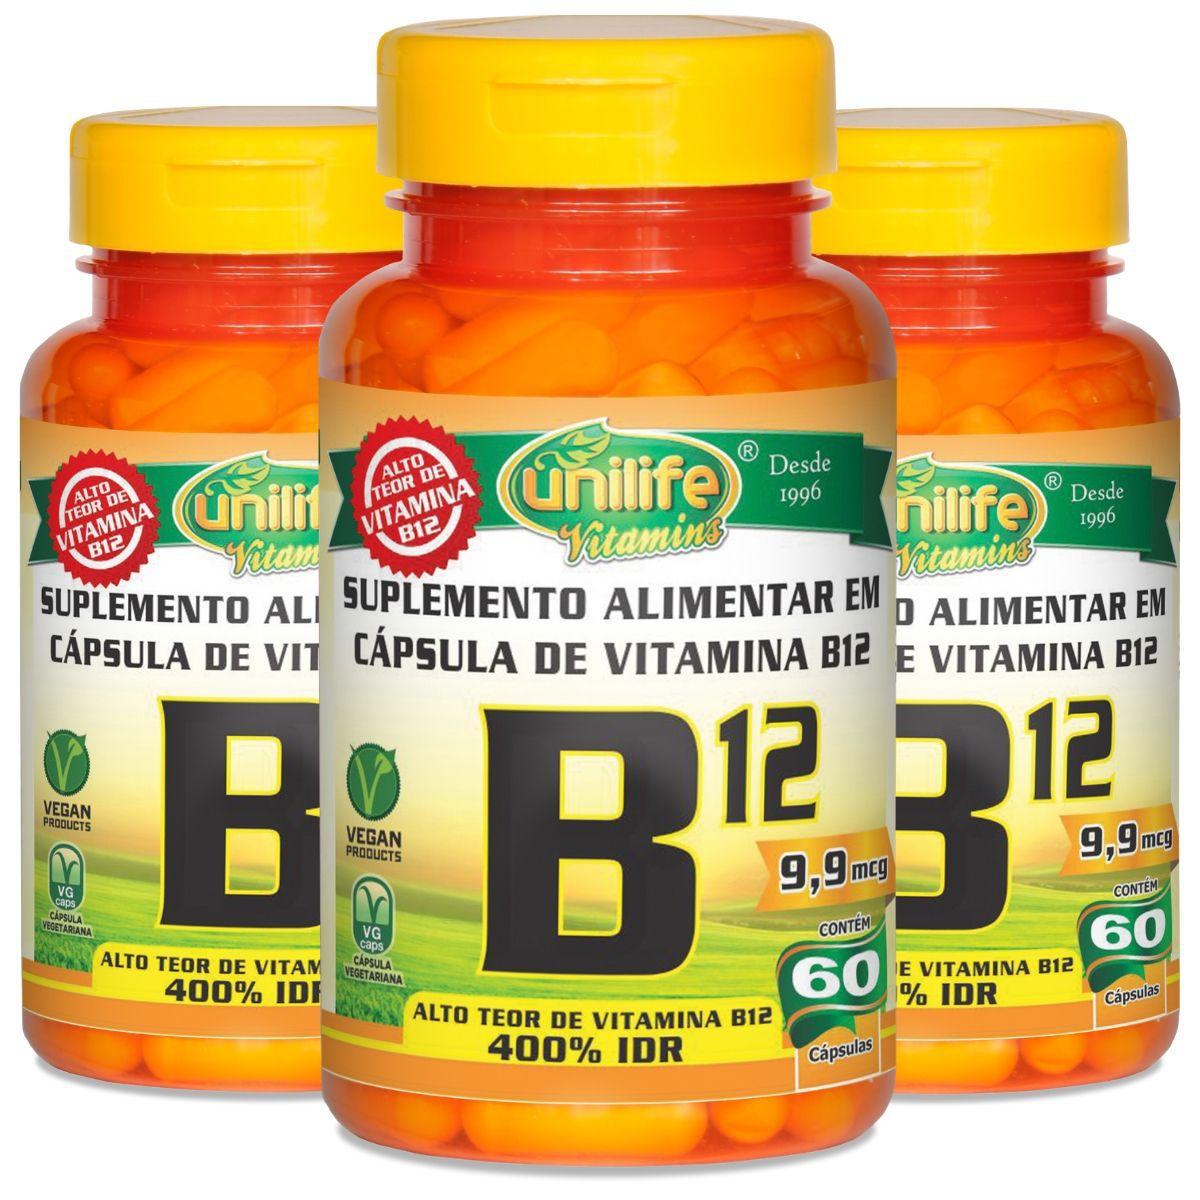 Kit 3 Vitamina B12 Cianocobalamina Unilife - 60 Cápsulas 450mg